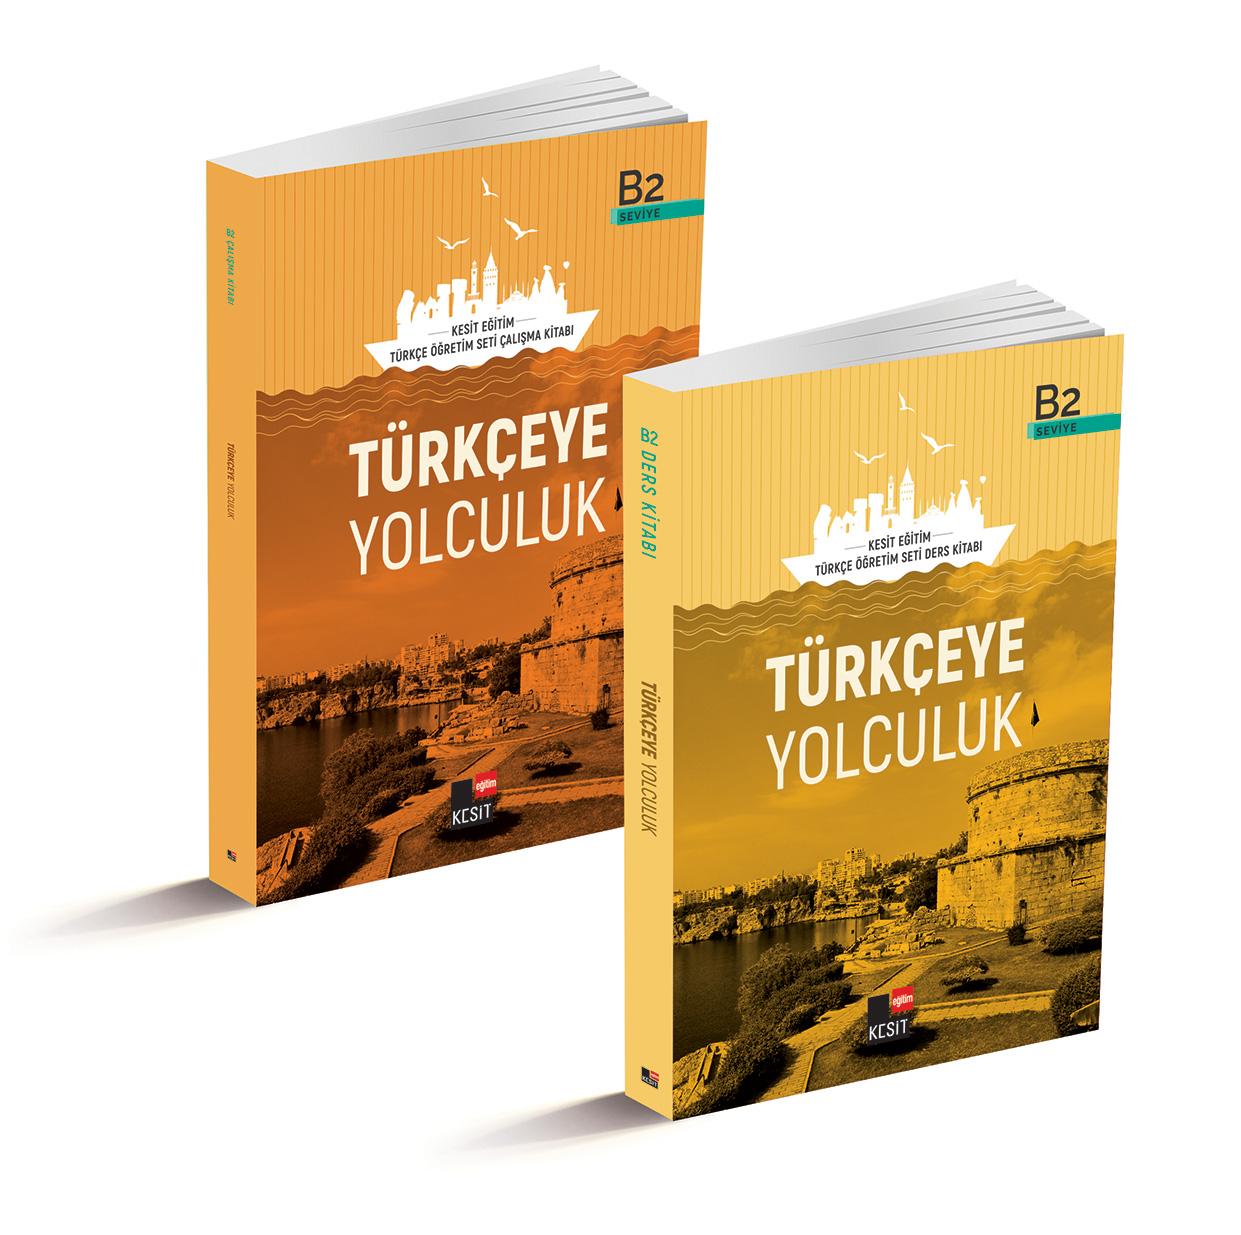 Türkçeye Yolculuk; B2 Ders Kitabı / B2 Çalışma Kitabı